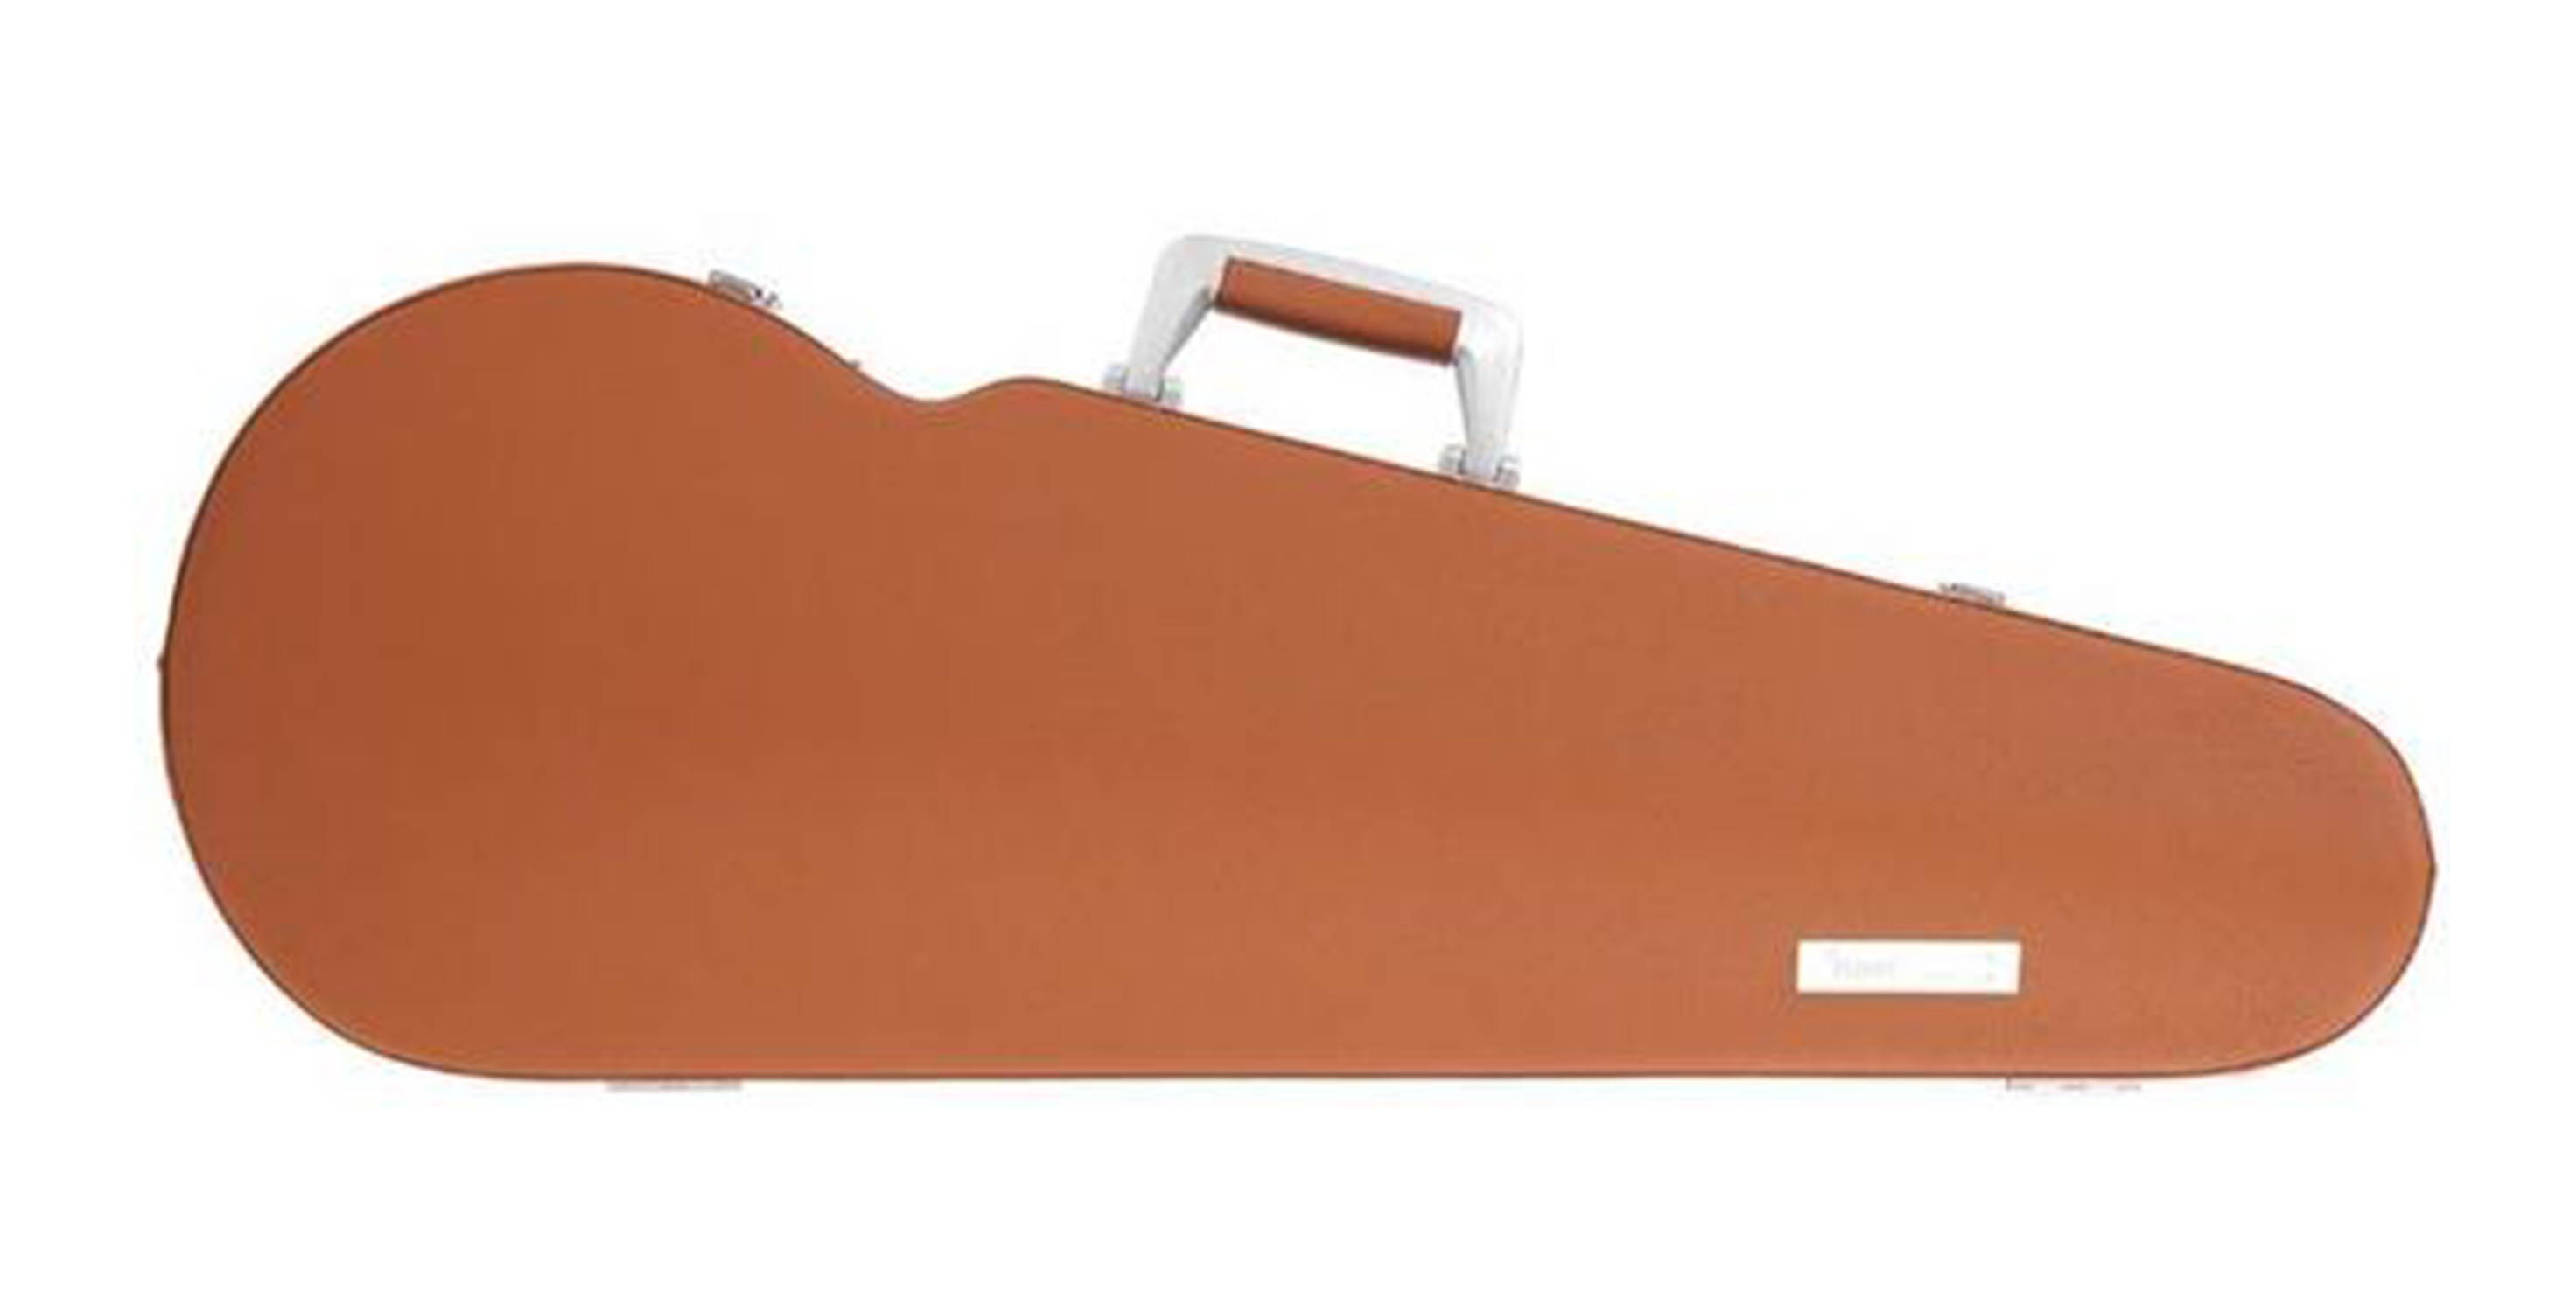 Bam L'etoile Violin Case